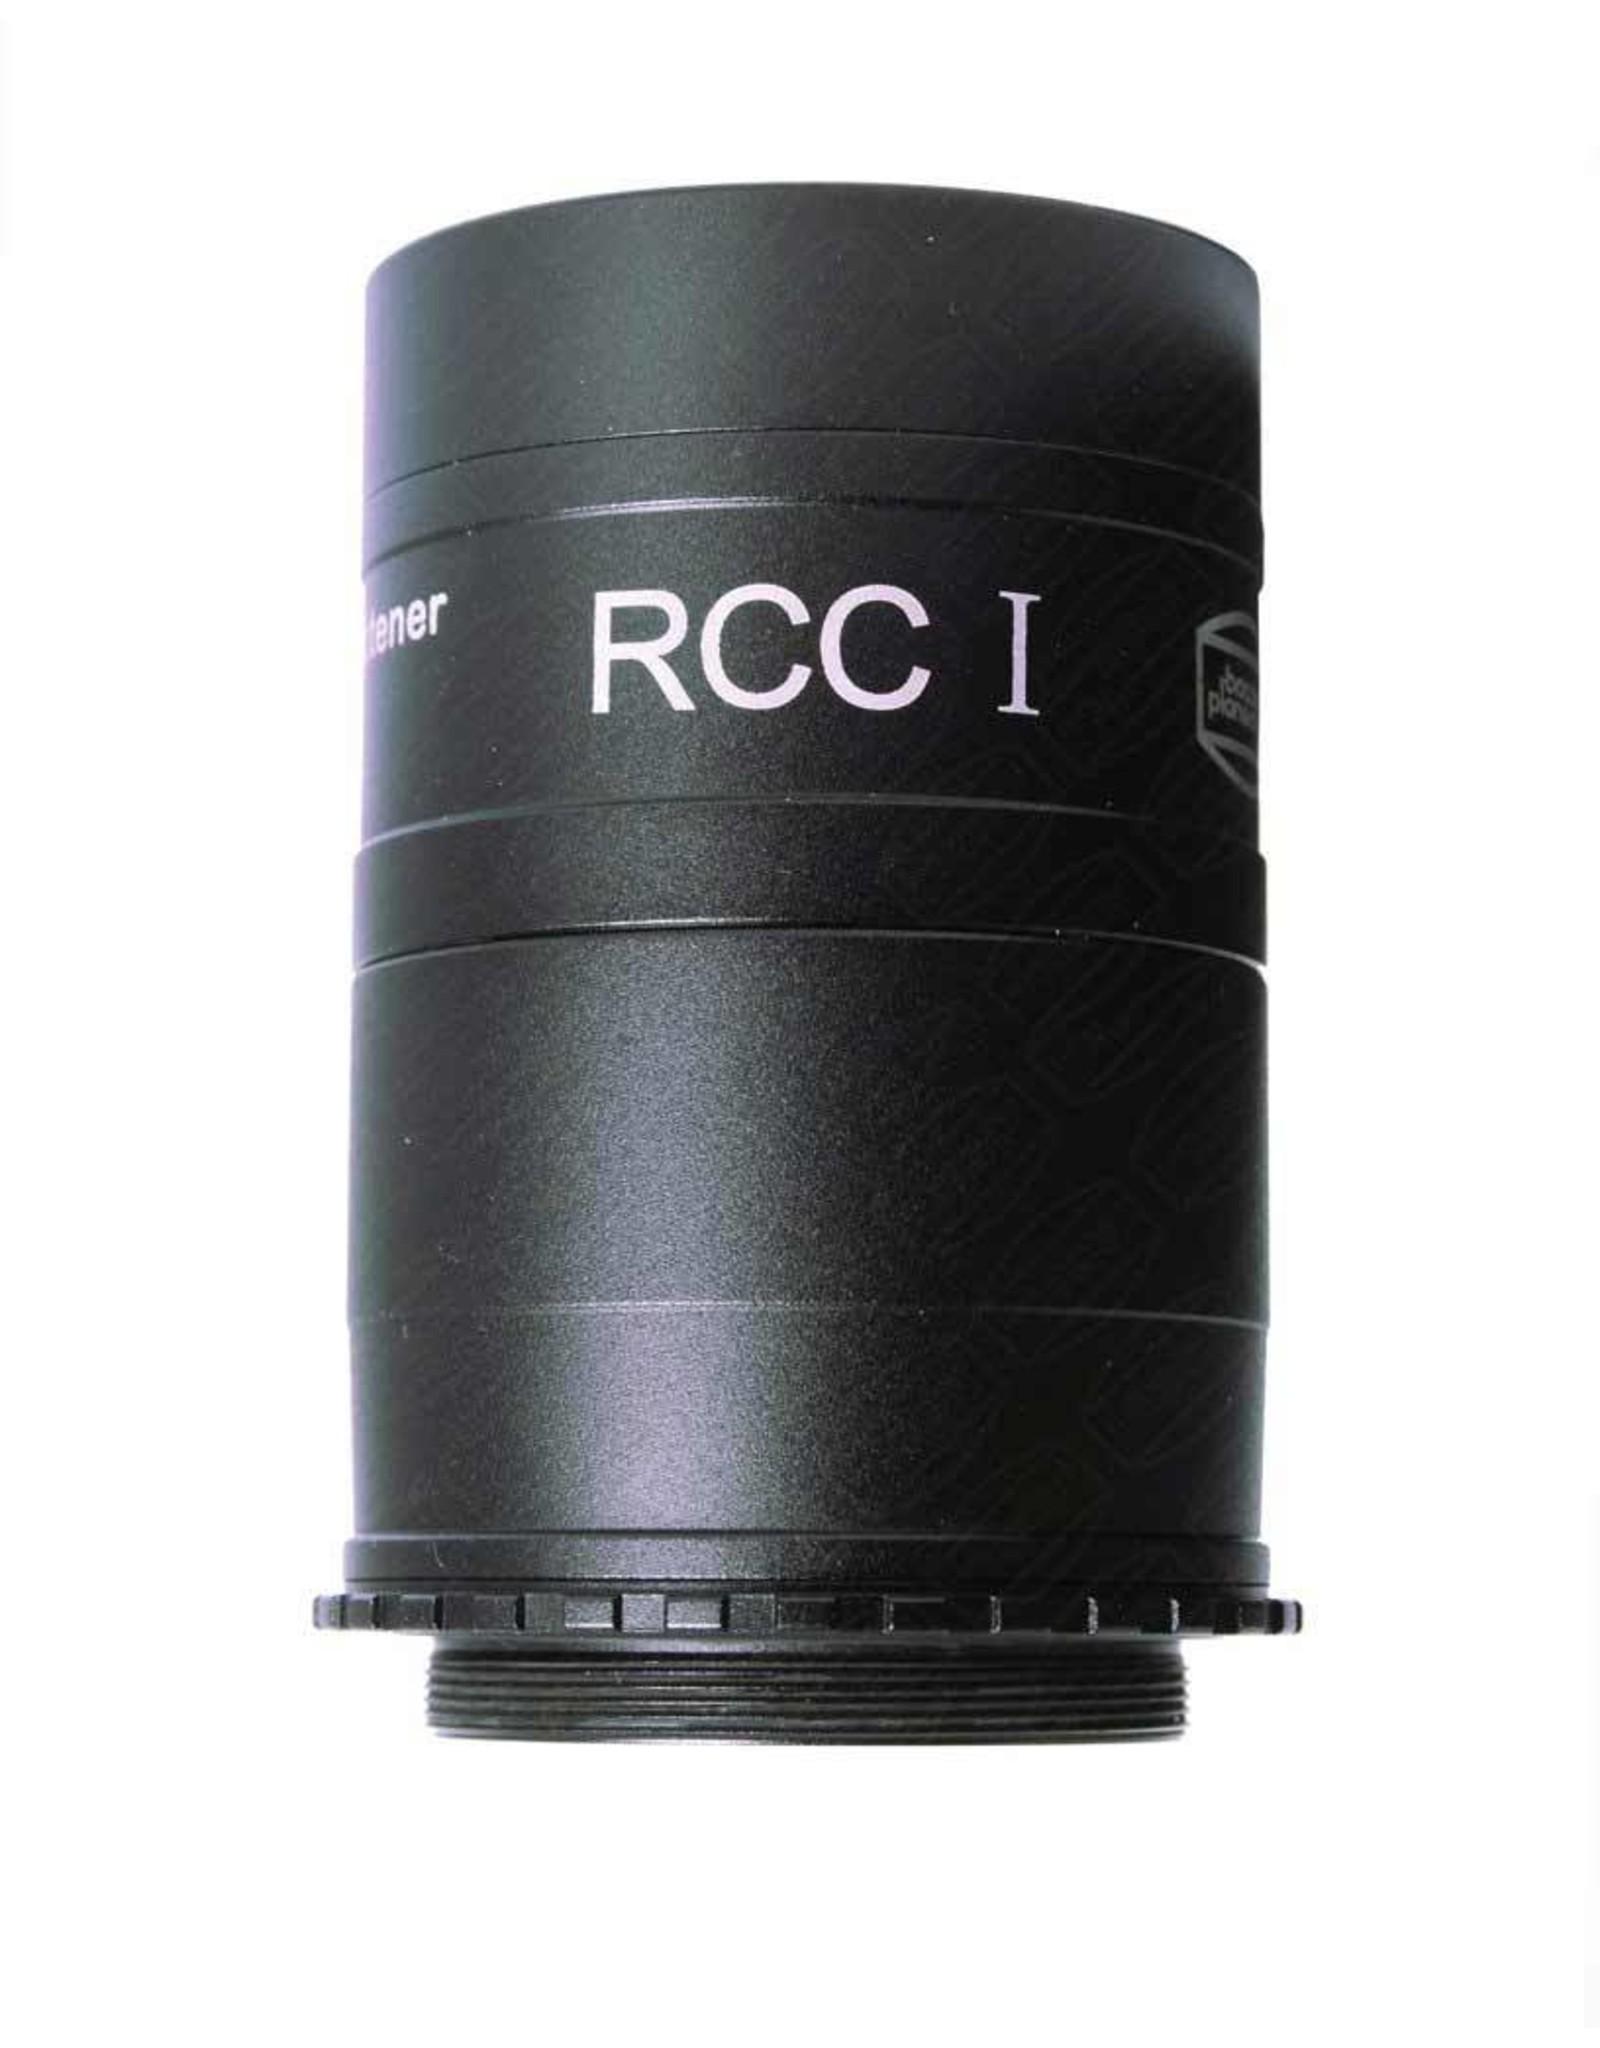 Baader Planetarium Baader Planetarium RCC I  Rowe Coma Corrector